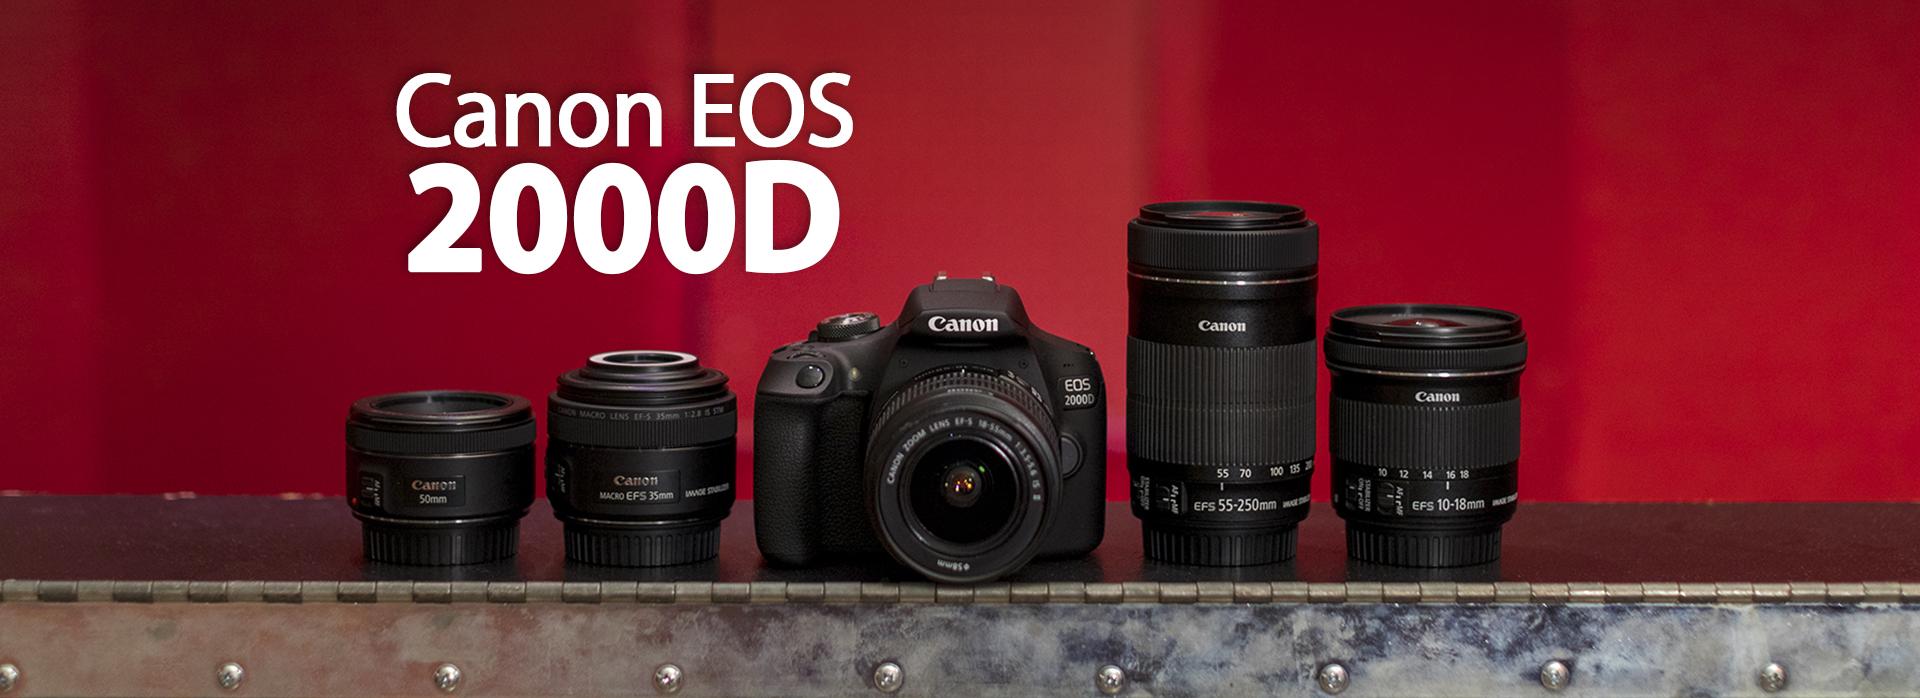 Canon-EOS-2000D-Banner